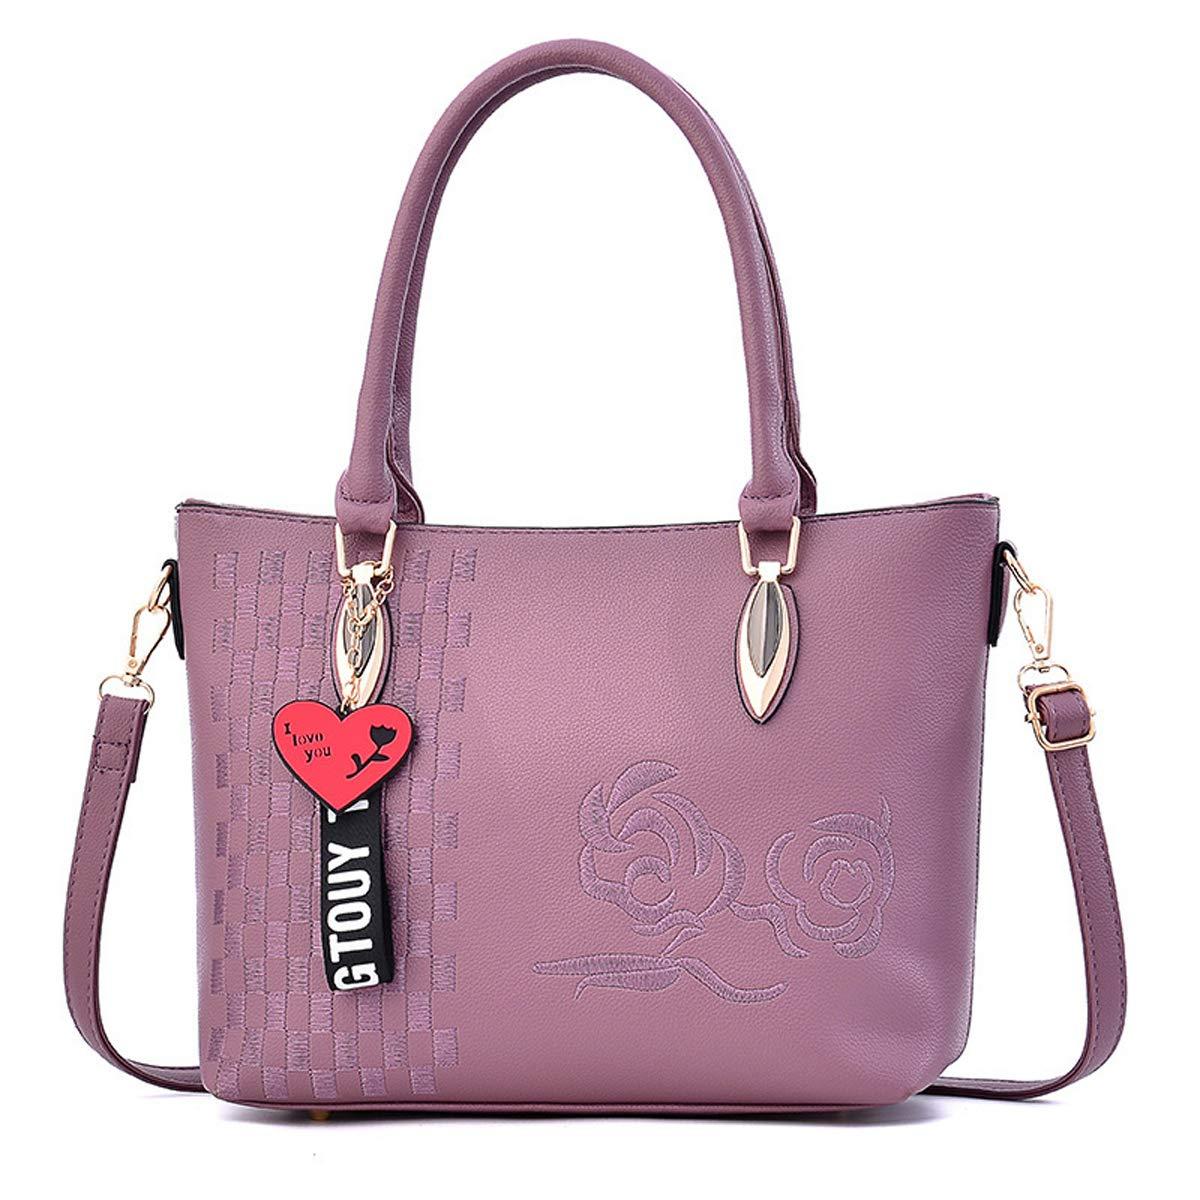 Damentasche Exull-92091 Handtasche Damen Leder Handtasche Handtasche Handtasche Schultertasche lässigen Tasche Handtasche Elegant B07MX5F6SQ Henkeltaschen Ein Gleichgewicht zwischen Zähigkeit und Härte e0e432